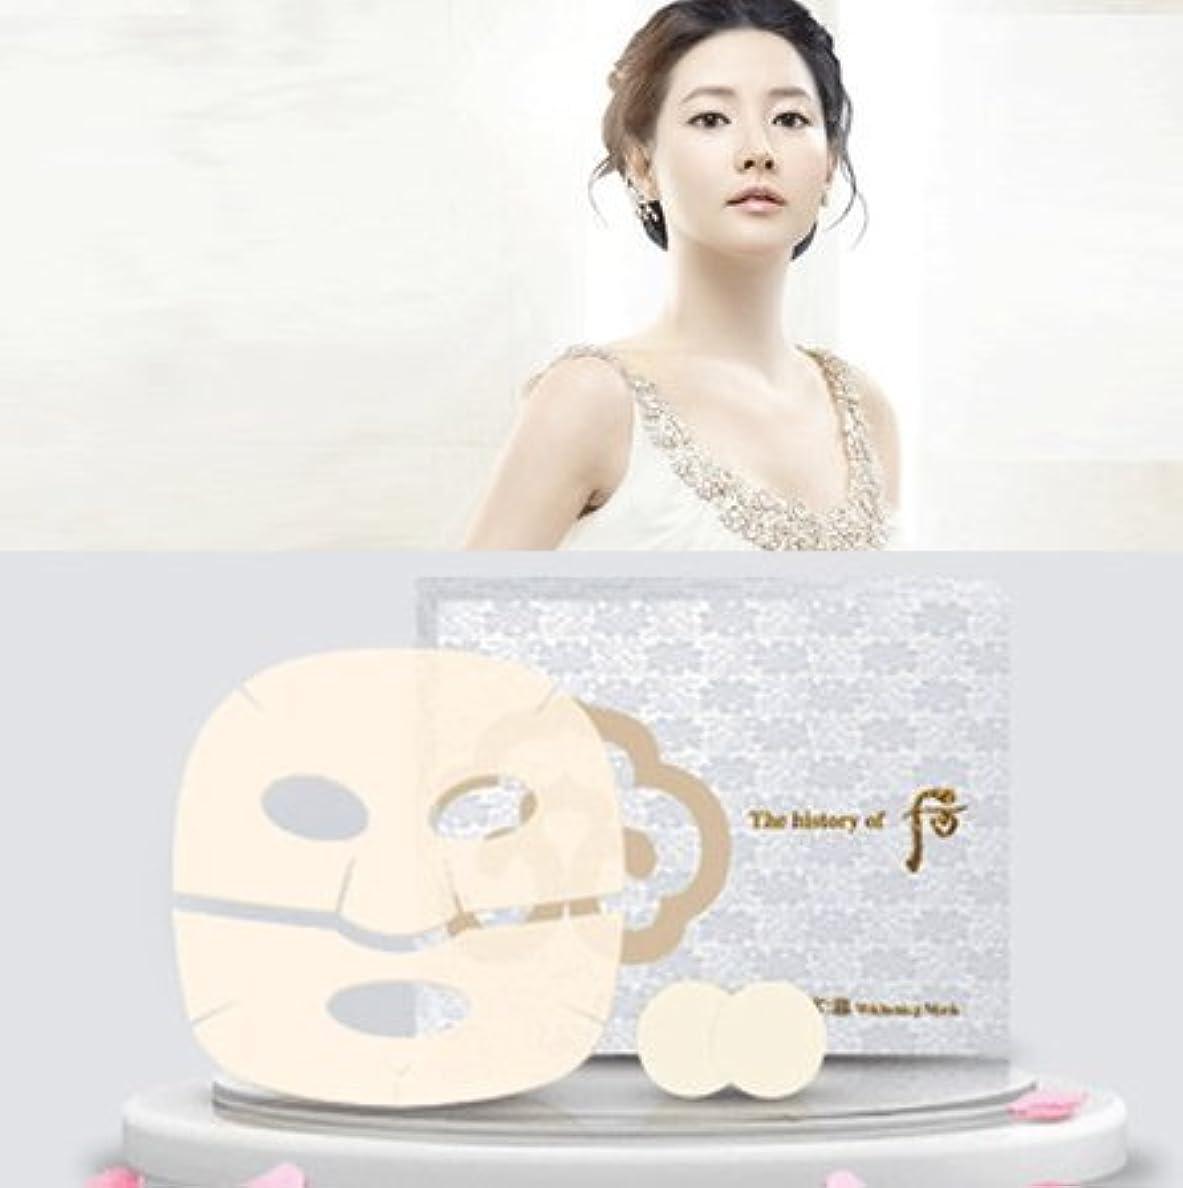 床浸透する個人的な【フー/The history of whoo] Whoo后 ゴンジンヒャン 美白 光 マスク8枚入/ Gongjinhyang Mask Sheet 8ea+ Sample Gift(海外直送品)